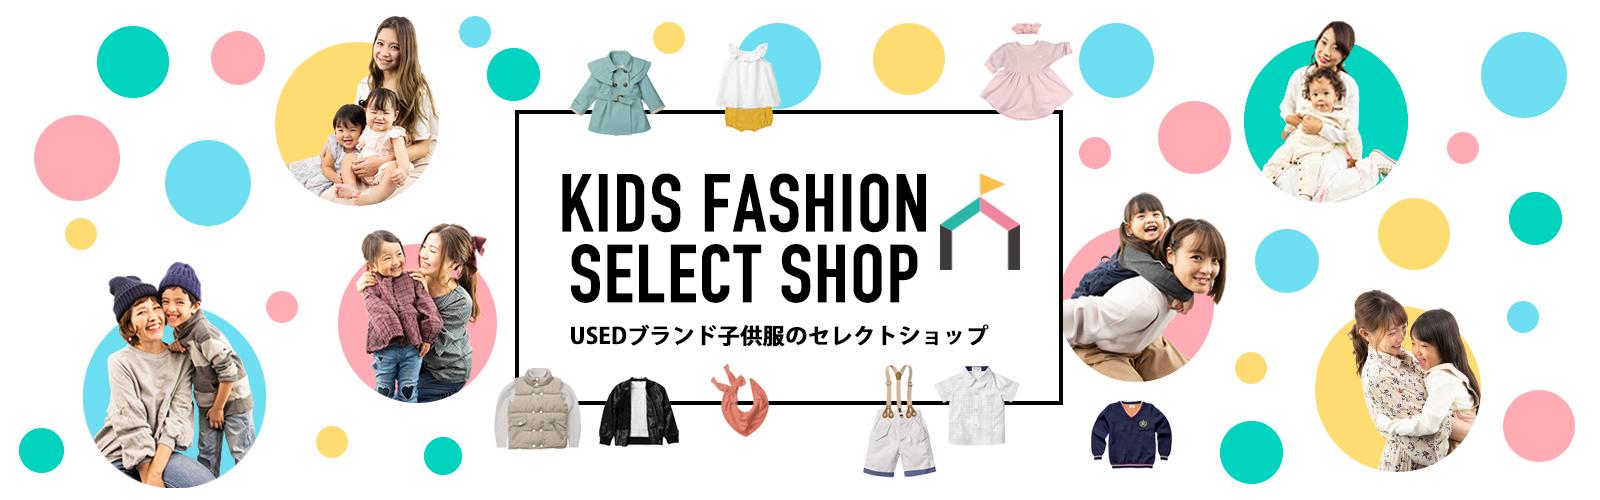 ブランド子供服・ベビー服のUSEDマーケット